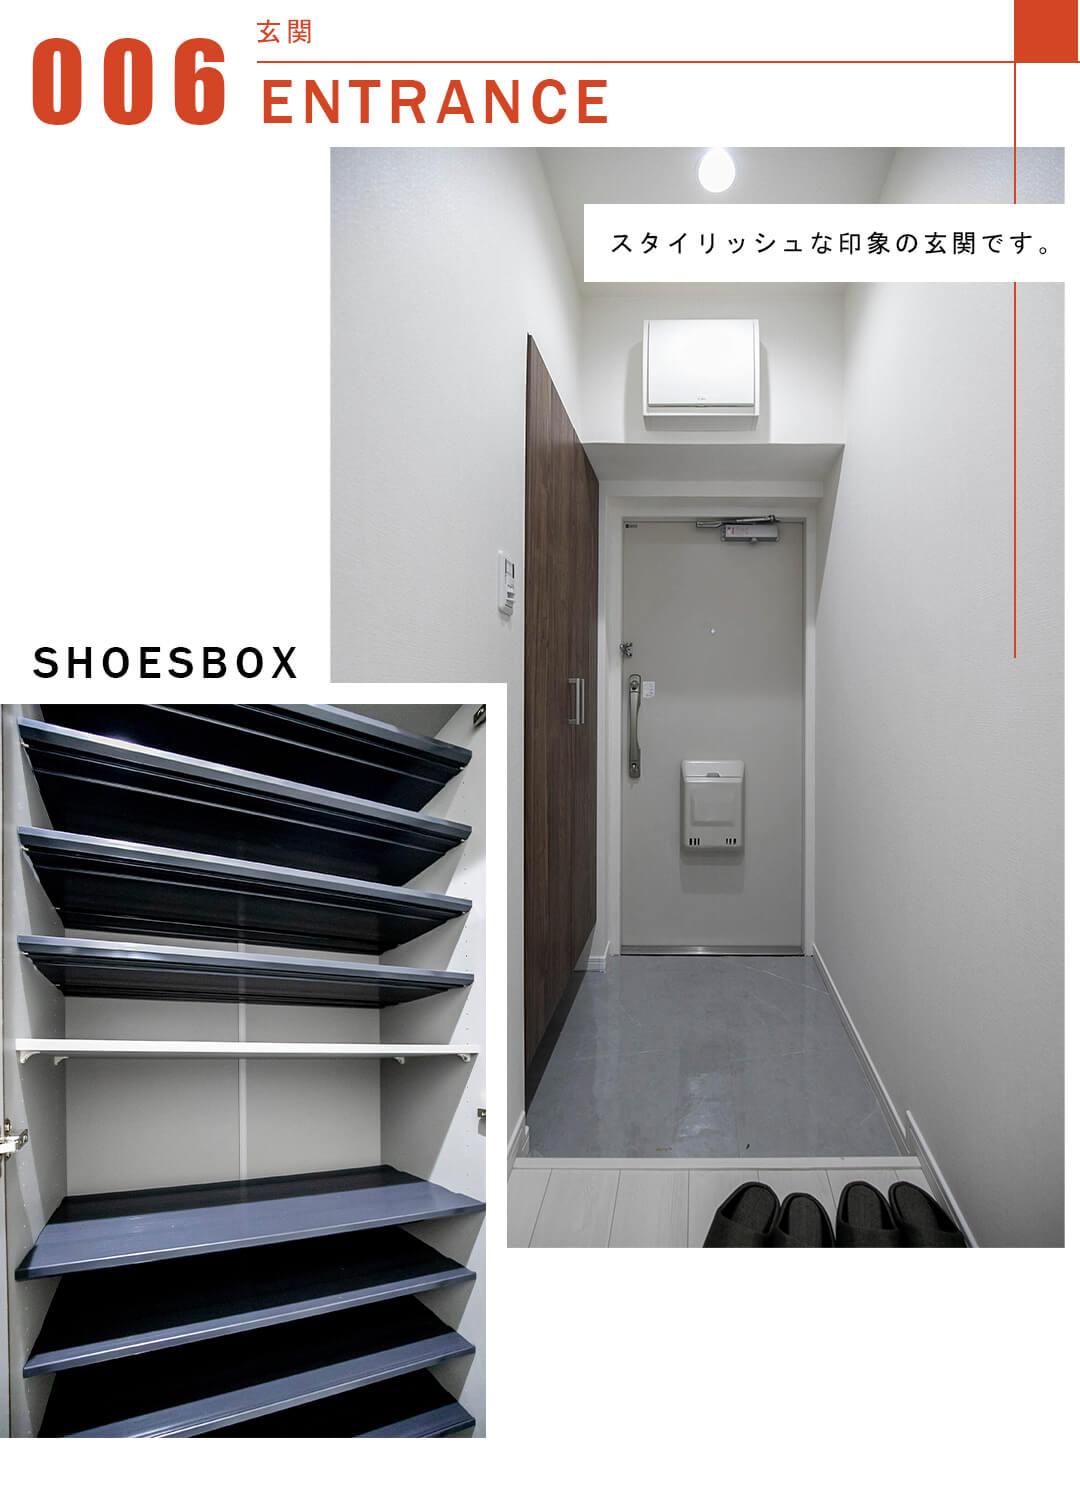 006玄関,ENTRANCE